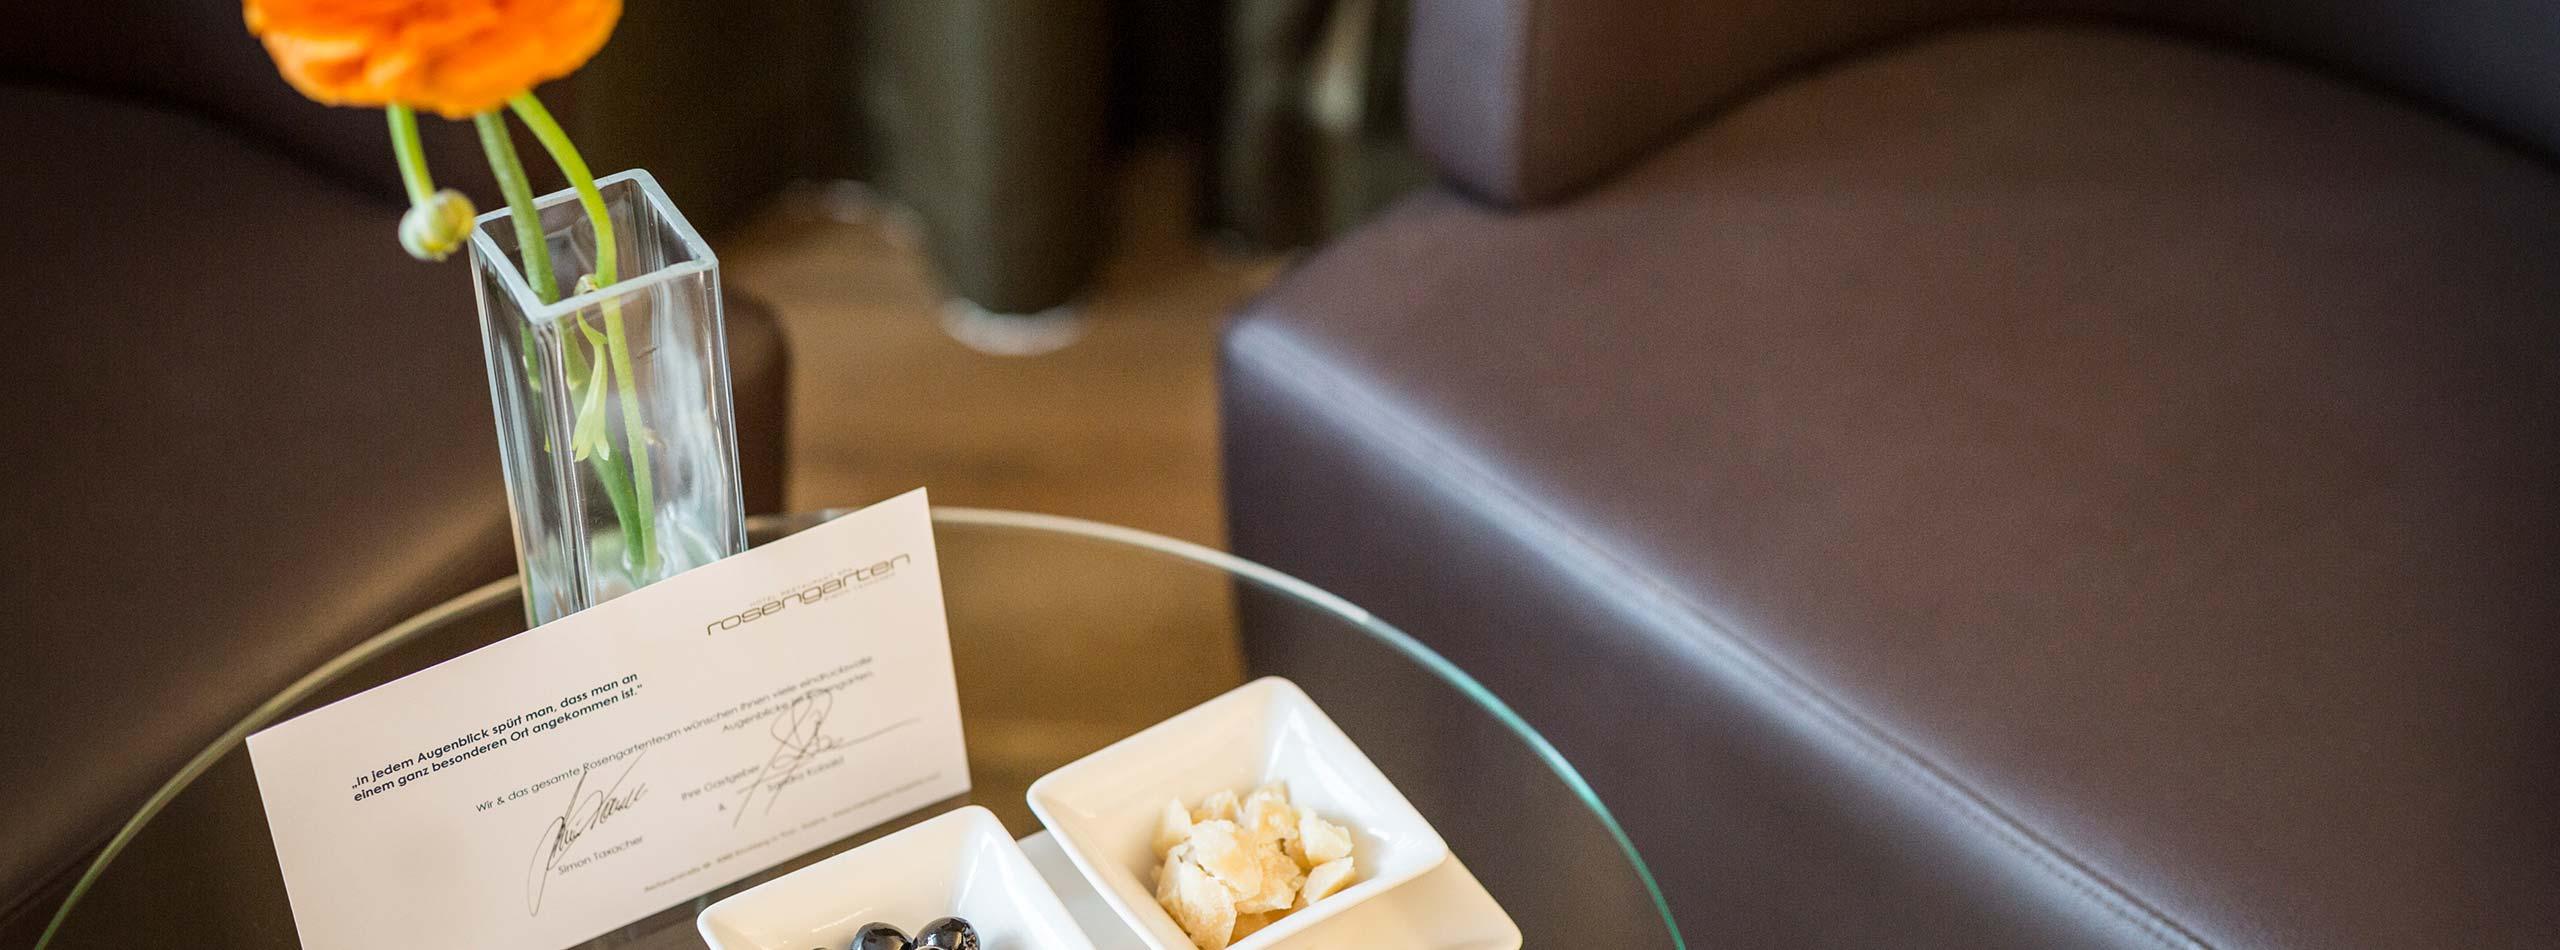 Karriere im 5 Sterne Hotel Restaurant Spa Rosengarten